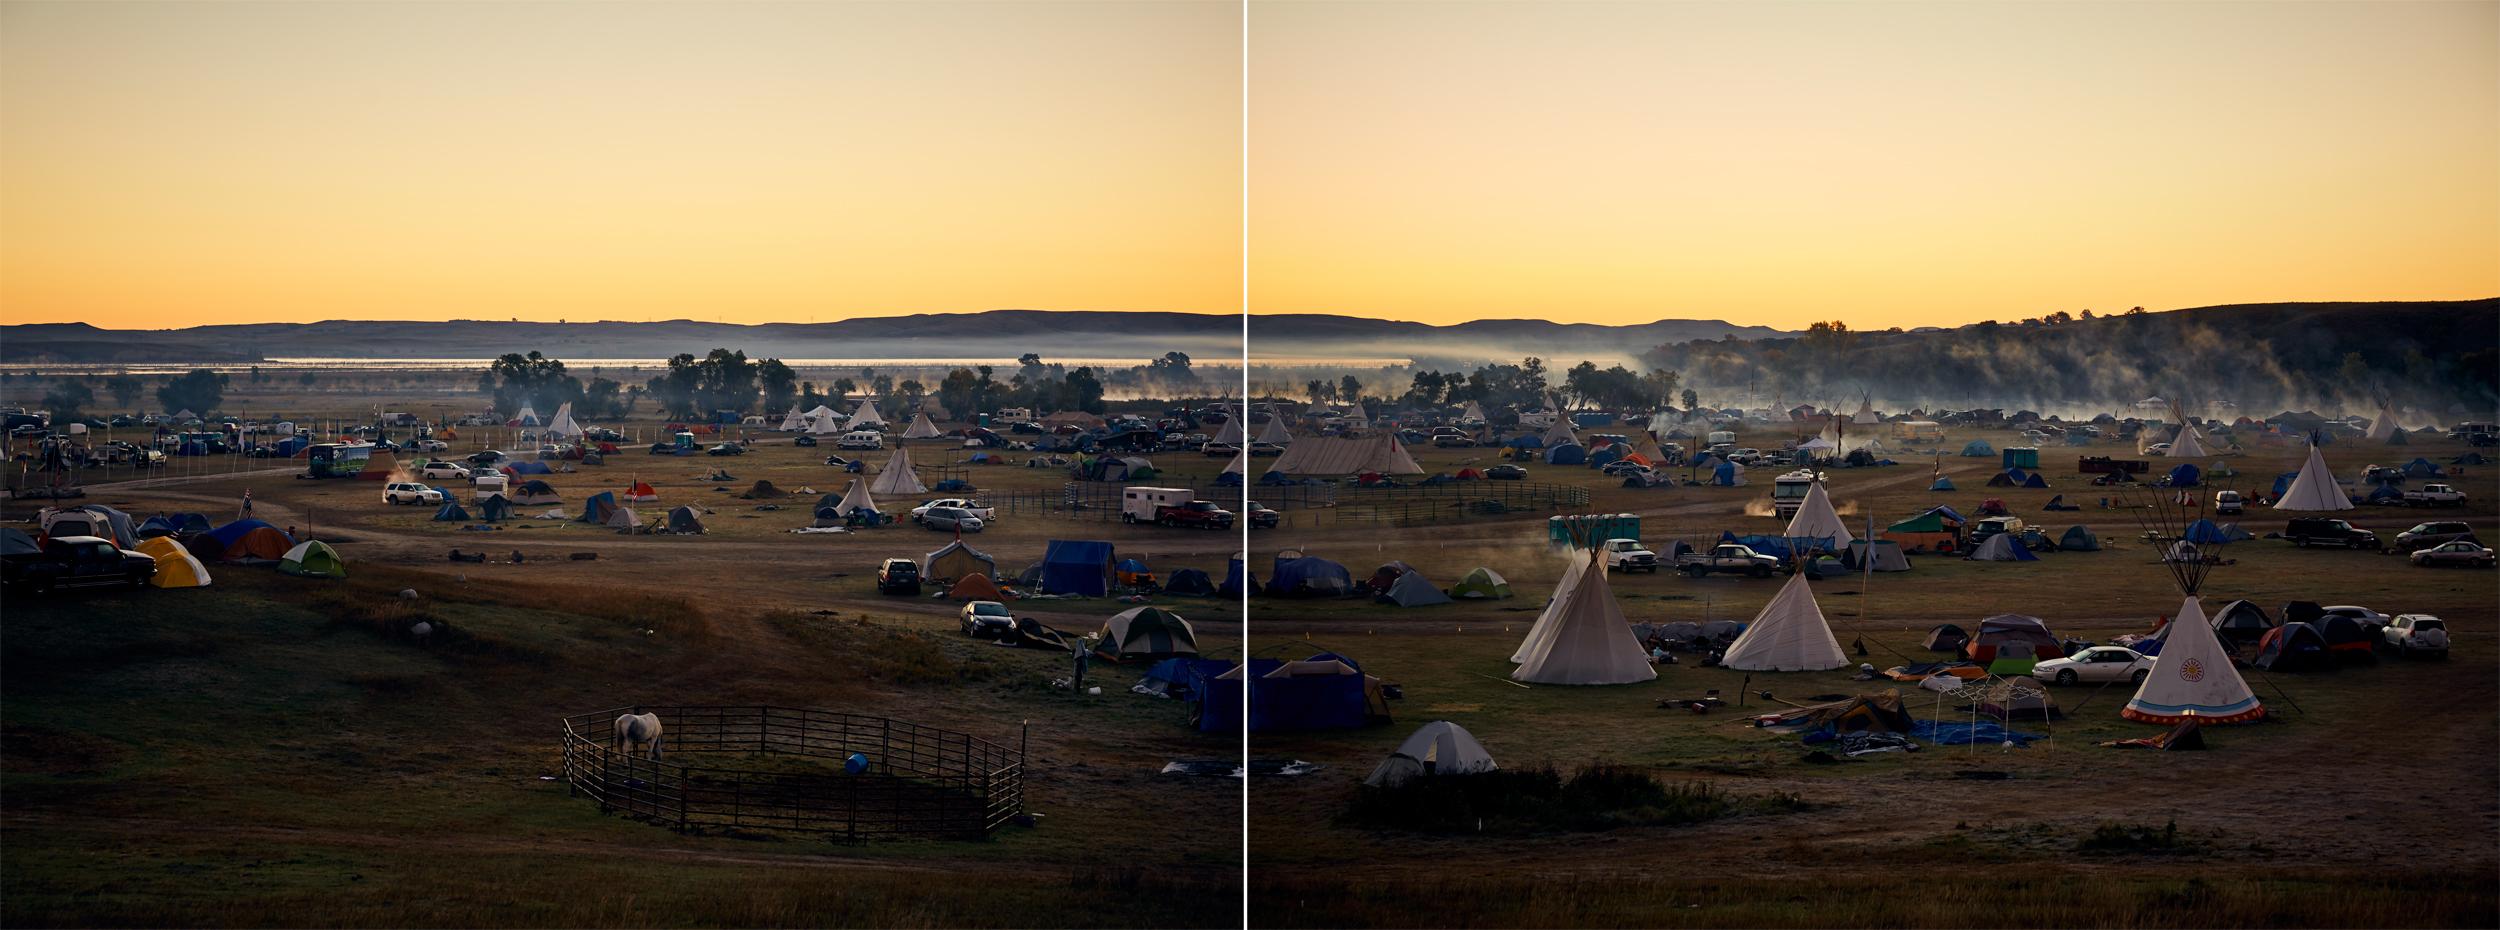 01_CampComposite.jpg